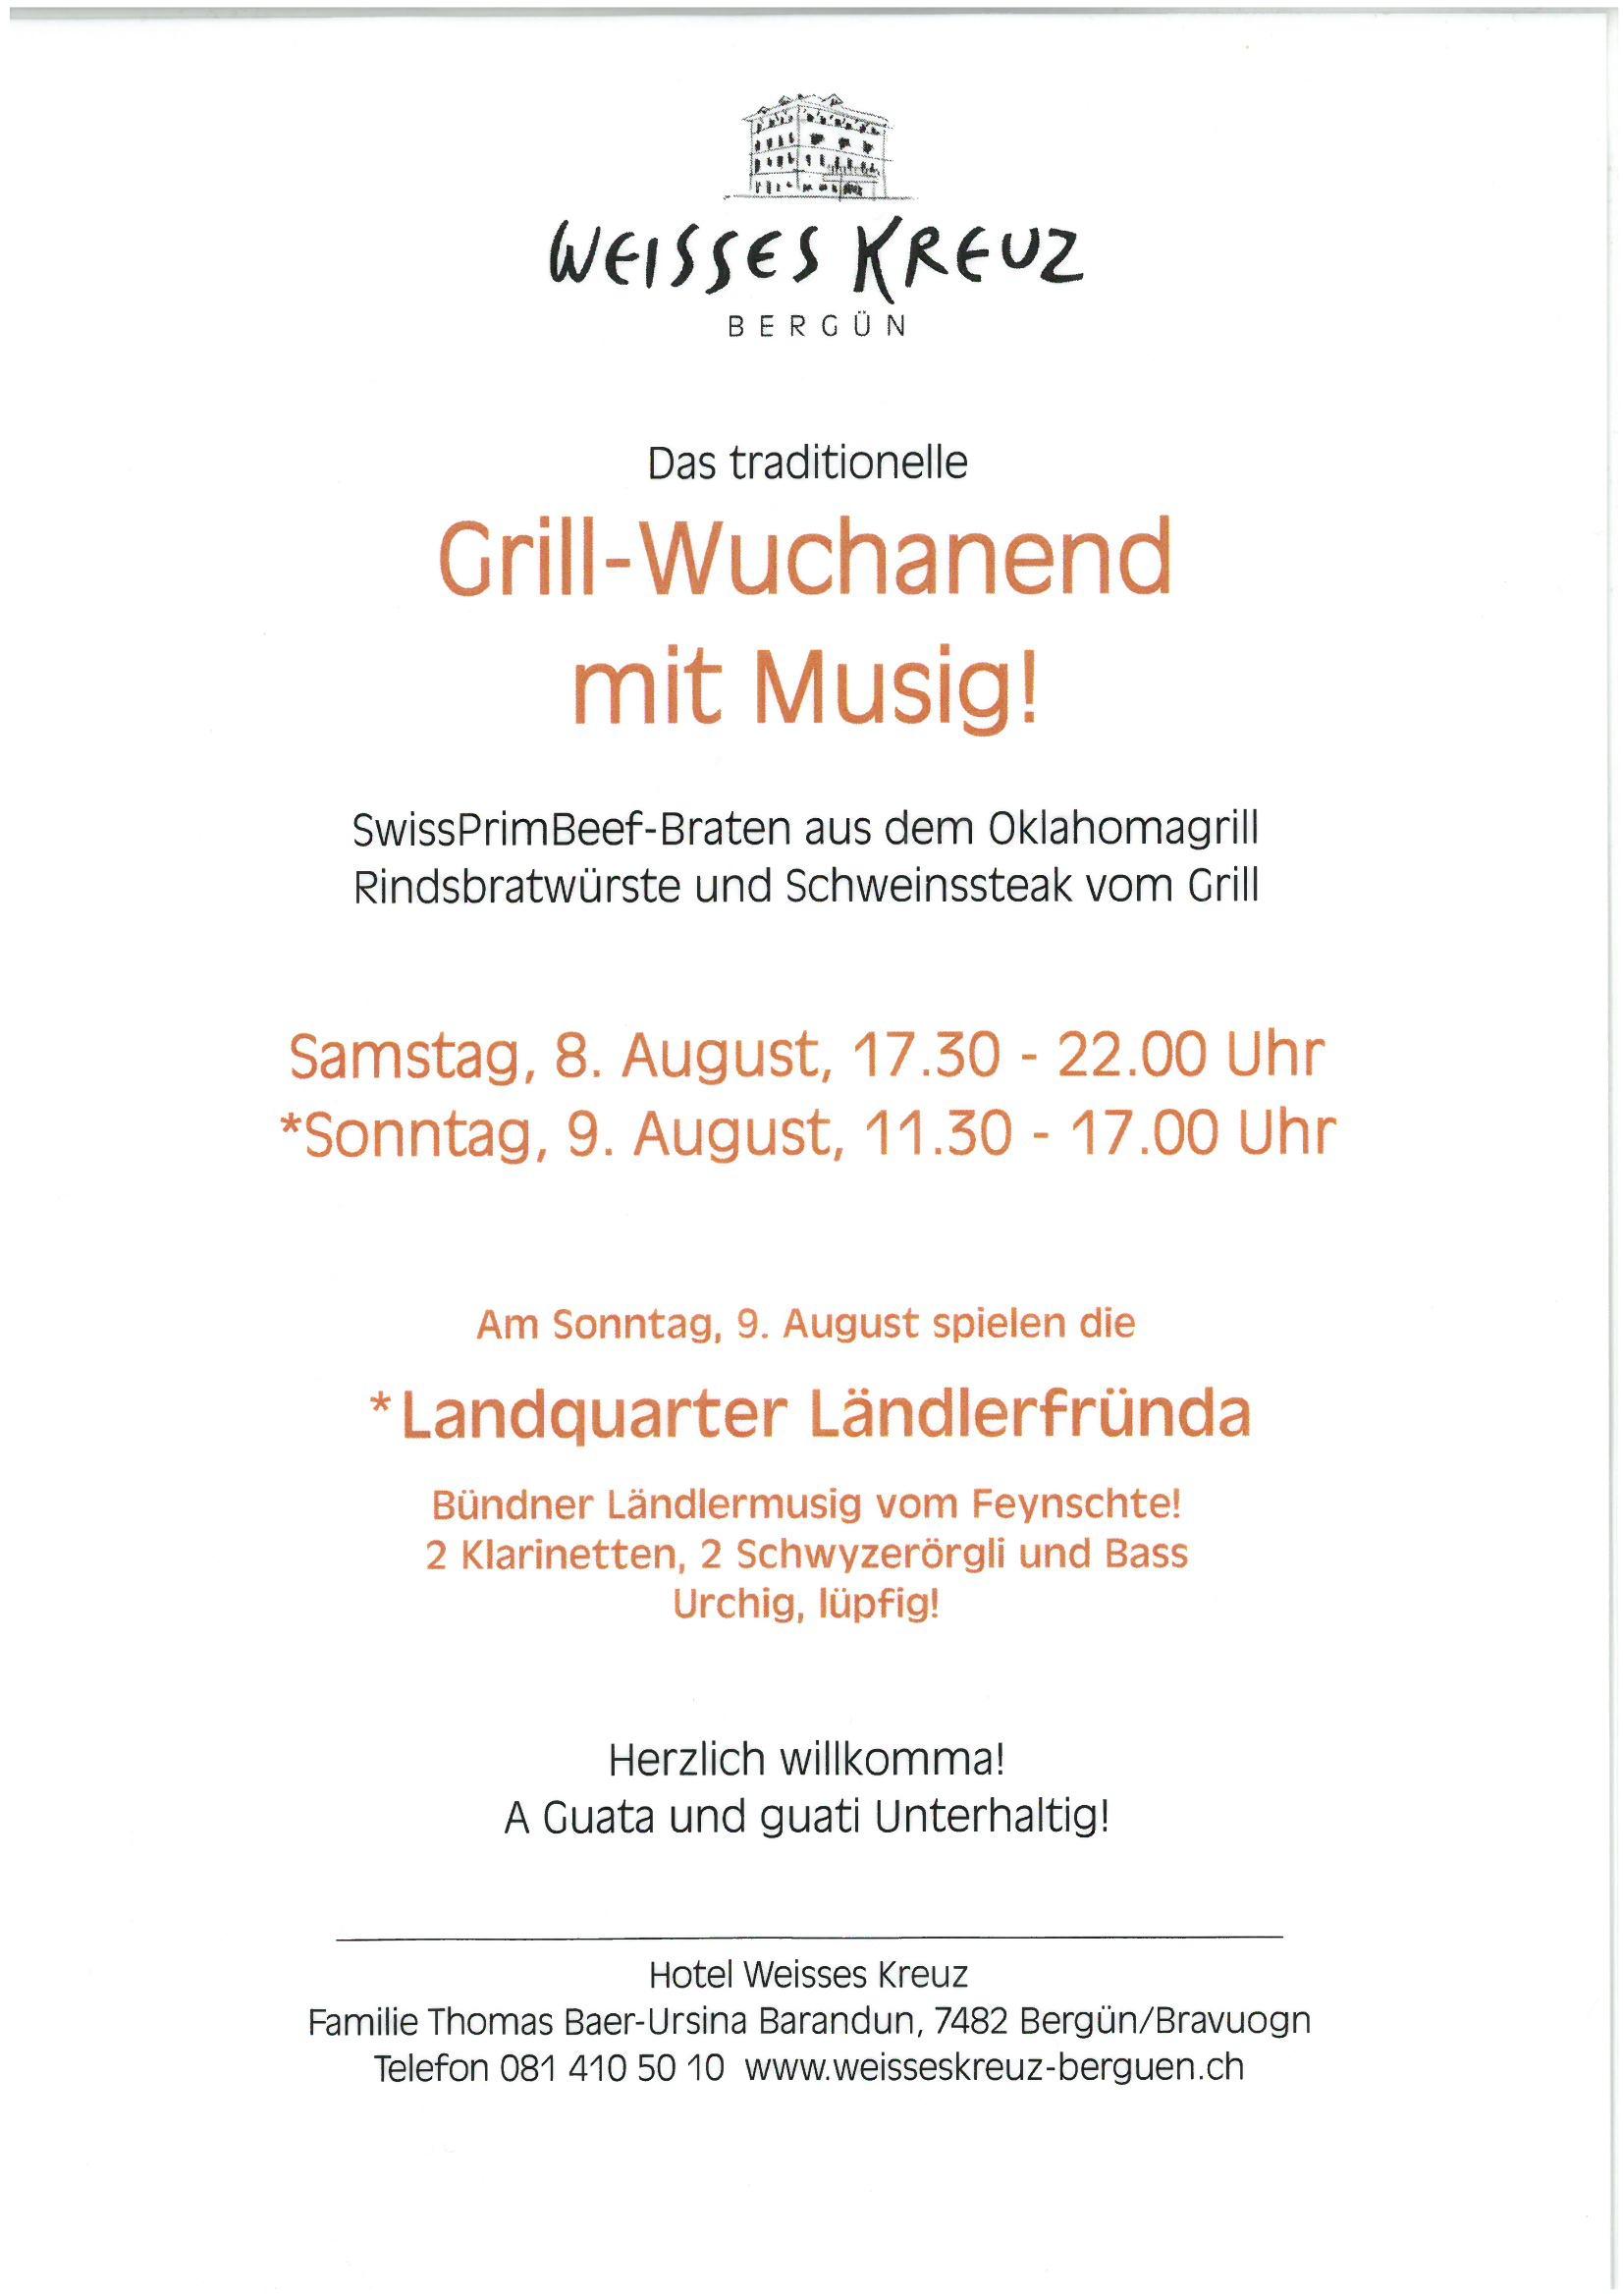 Grill-Wuchanend